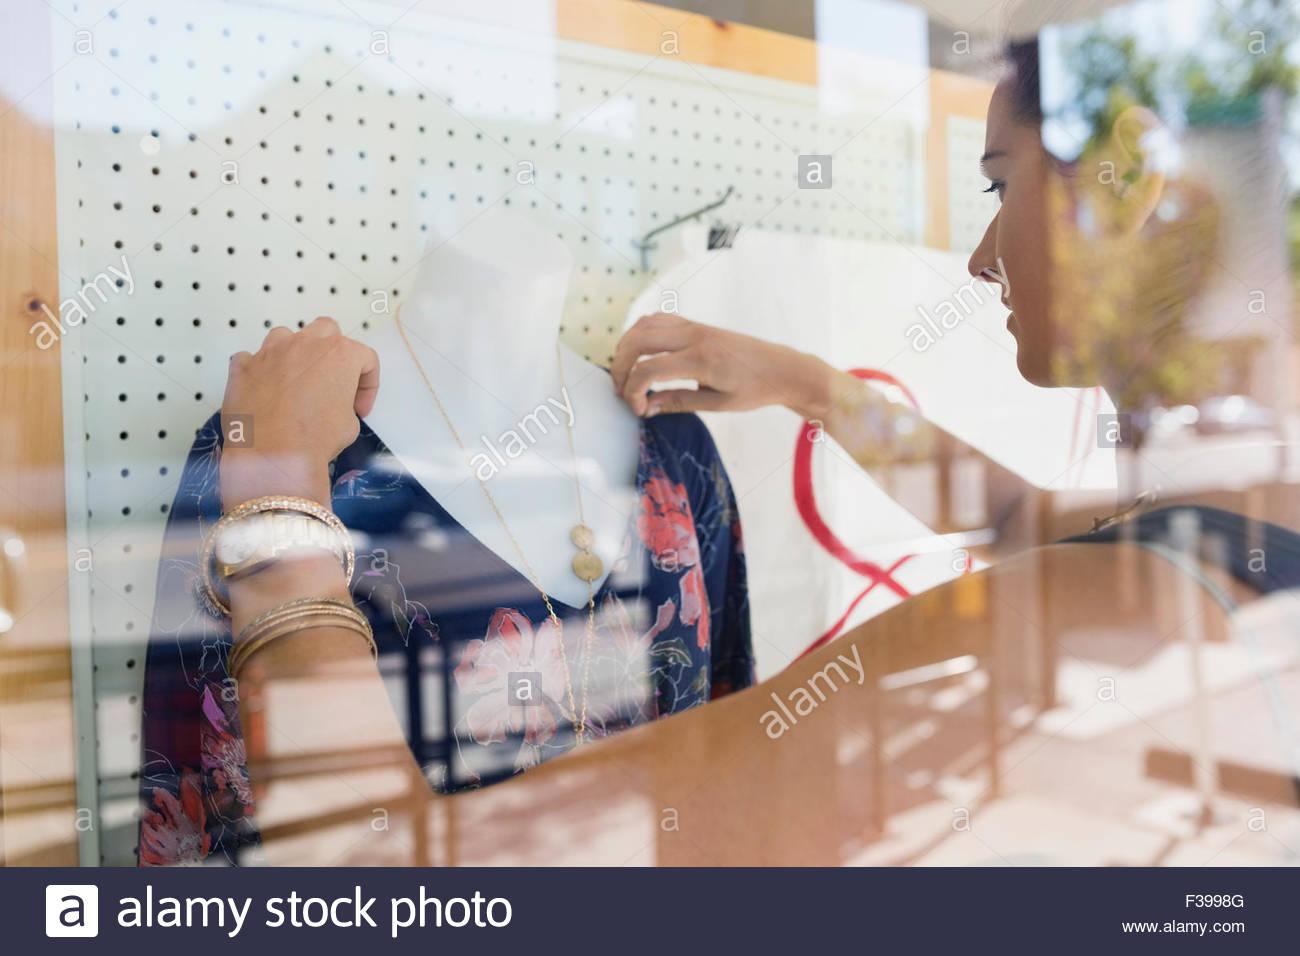 Lavoratore disponendo negozio di abbigliamento window display manichino Immagini Stock